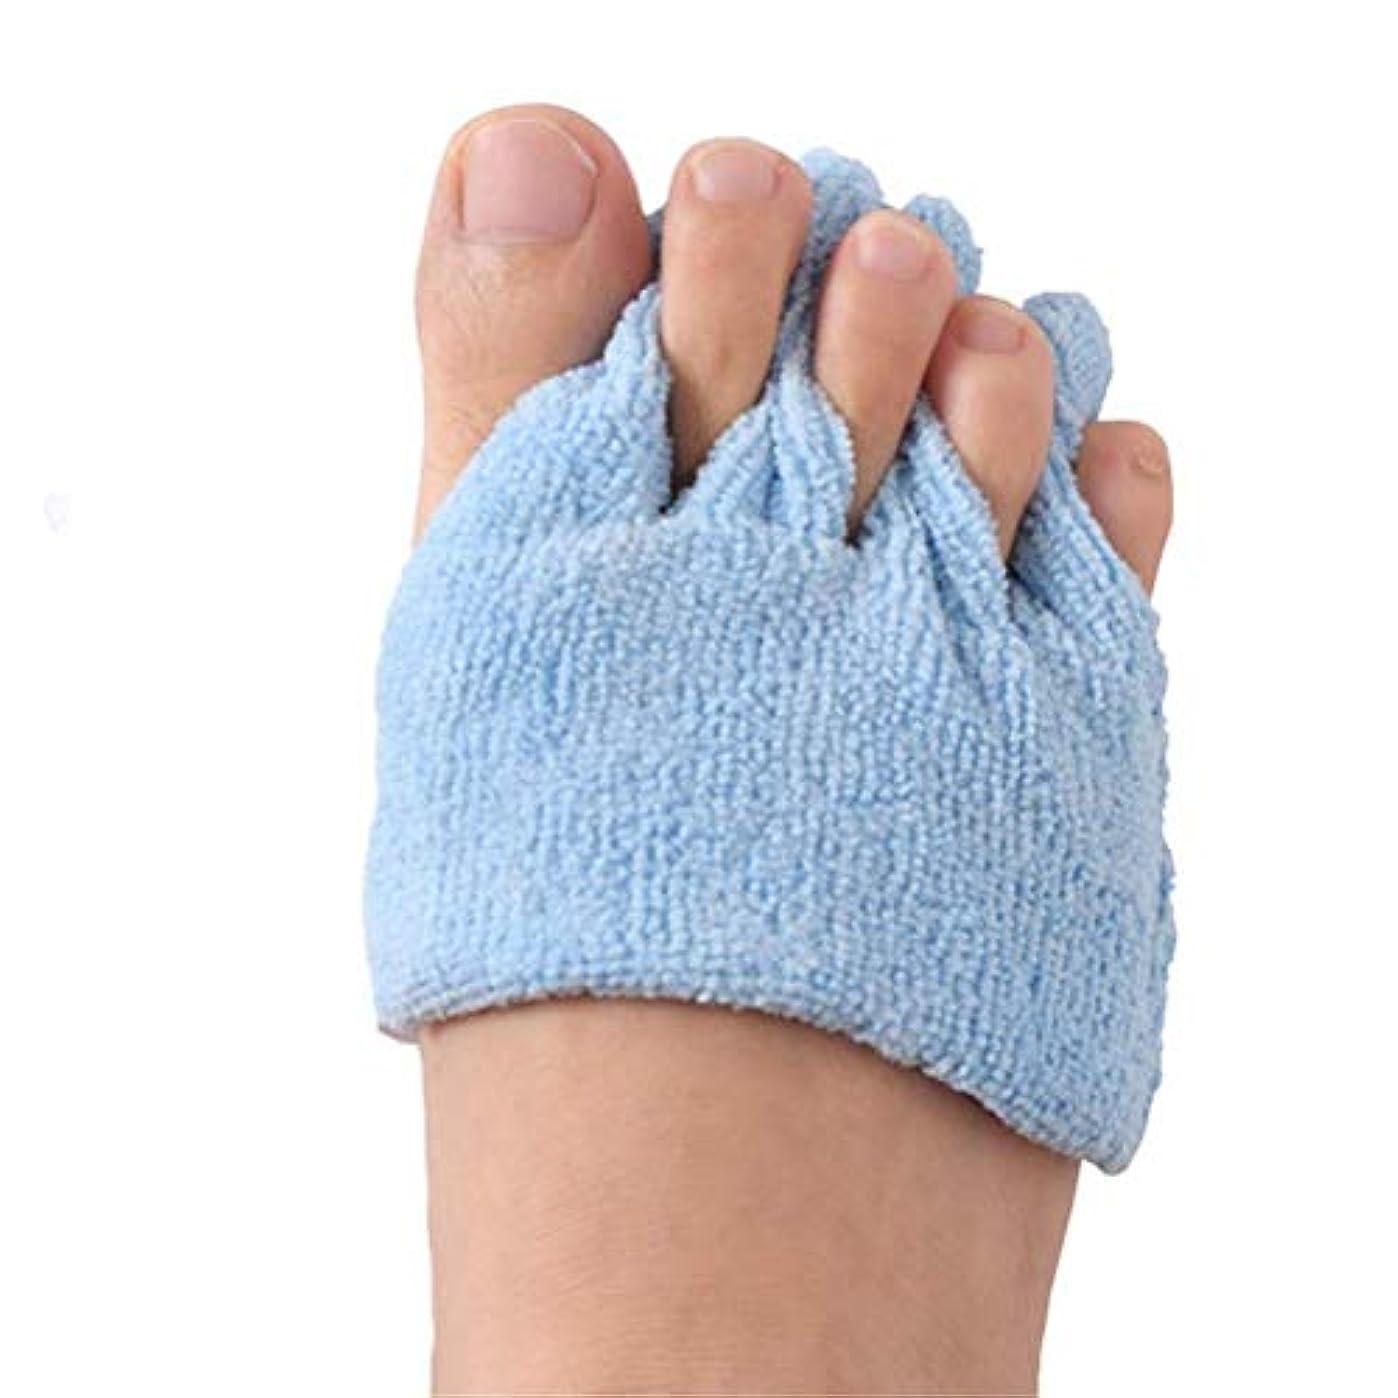 チョーク心から厳つま先の分離器の患者の腱の運動つま先サポート反フィートの潰瘍パッドは片麻痺患者のためのつま先の変形を防ぐためにつま先を保護します